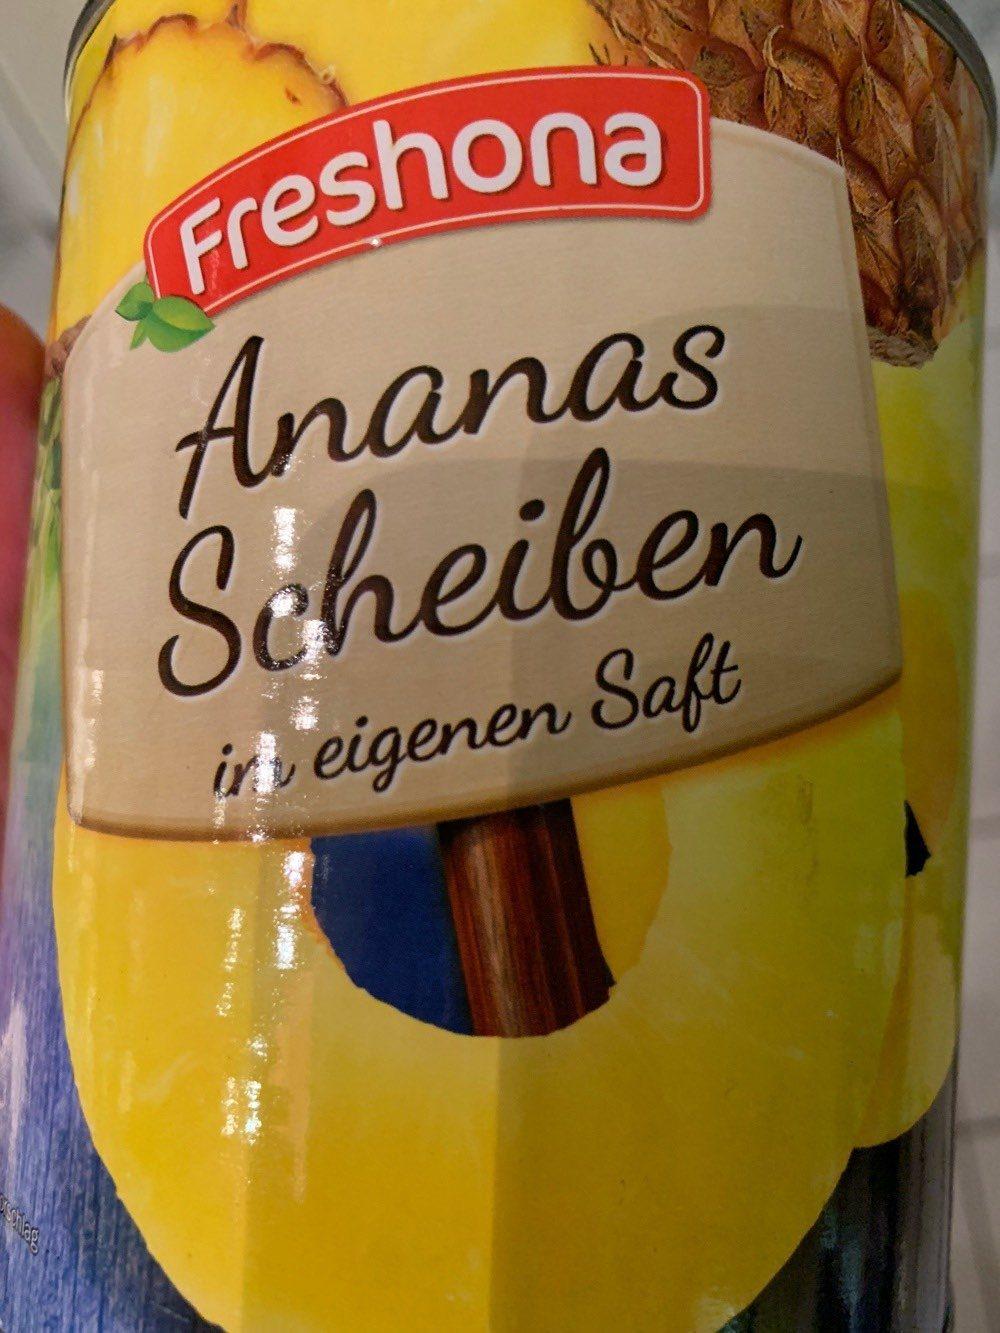 Ananas Scheiben in eigenen Saft - Produit - de